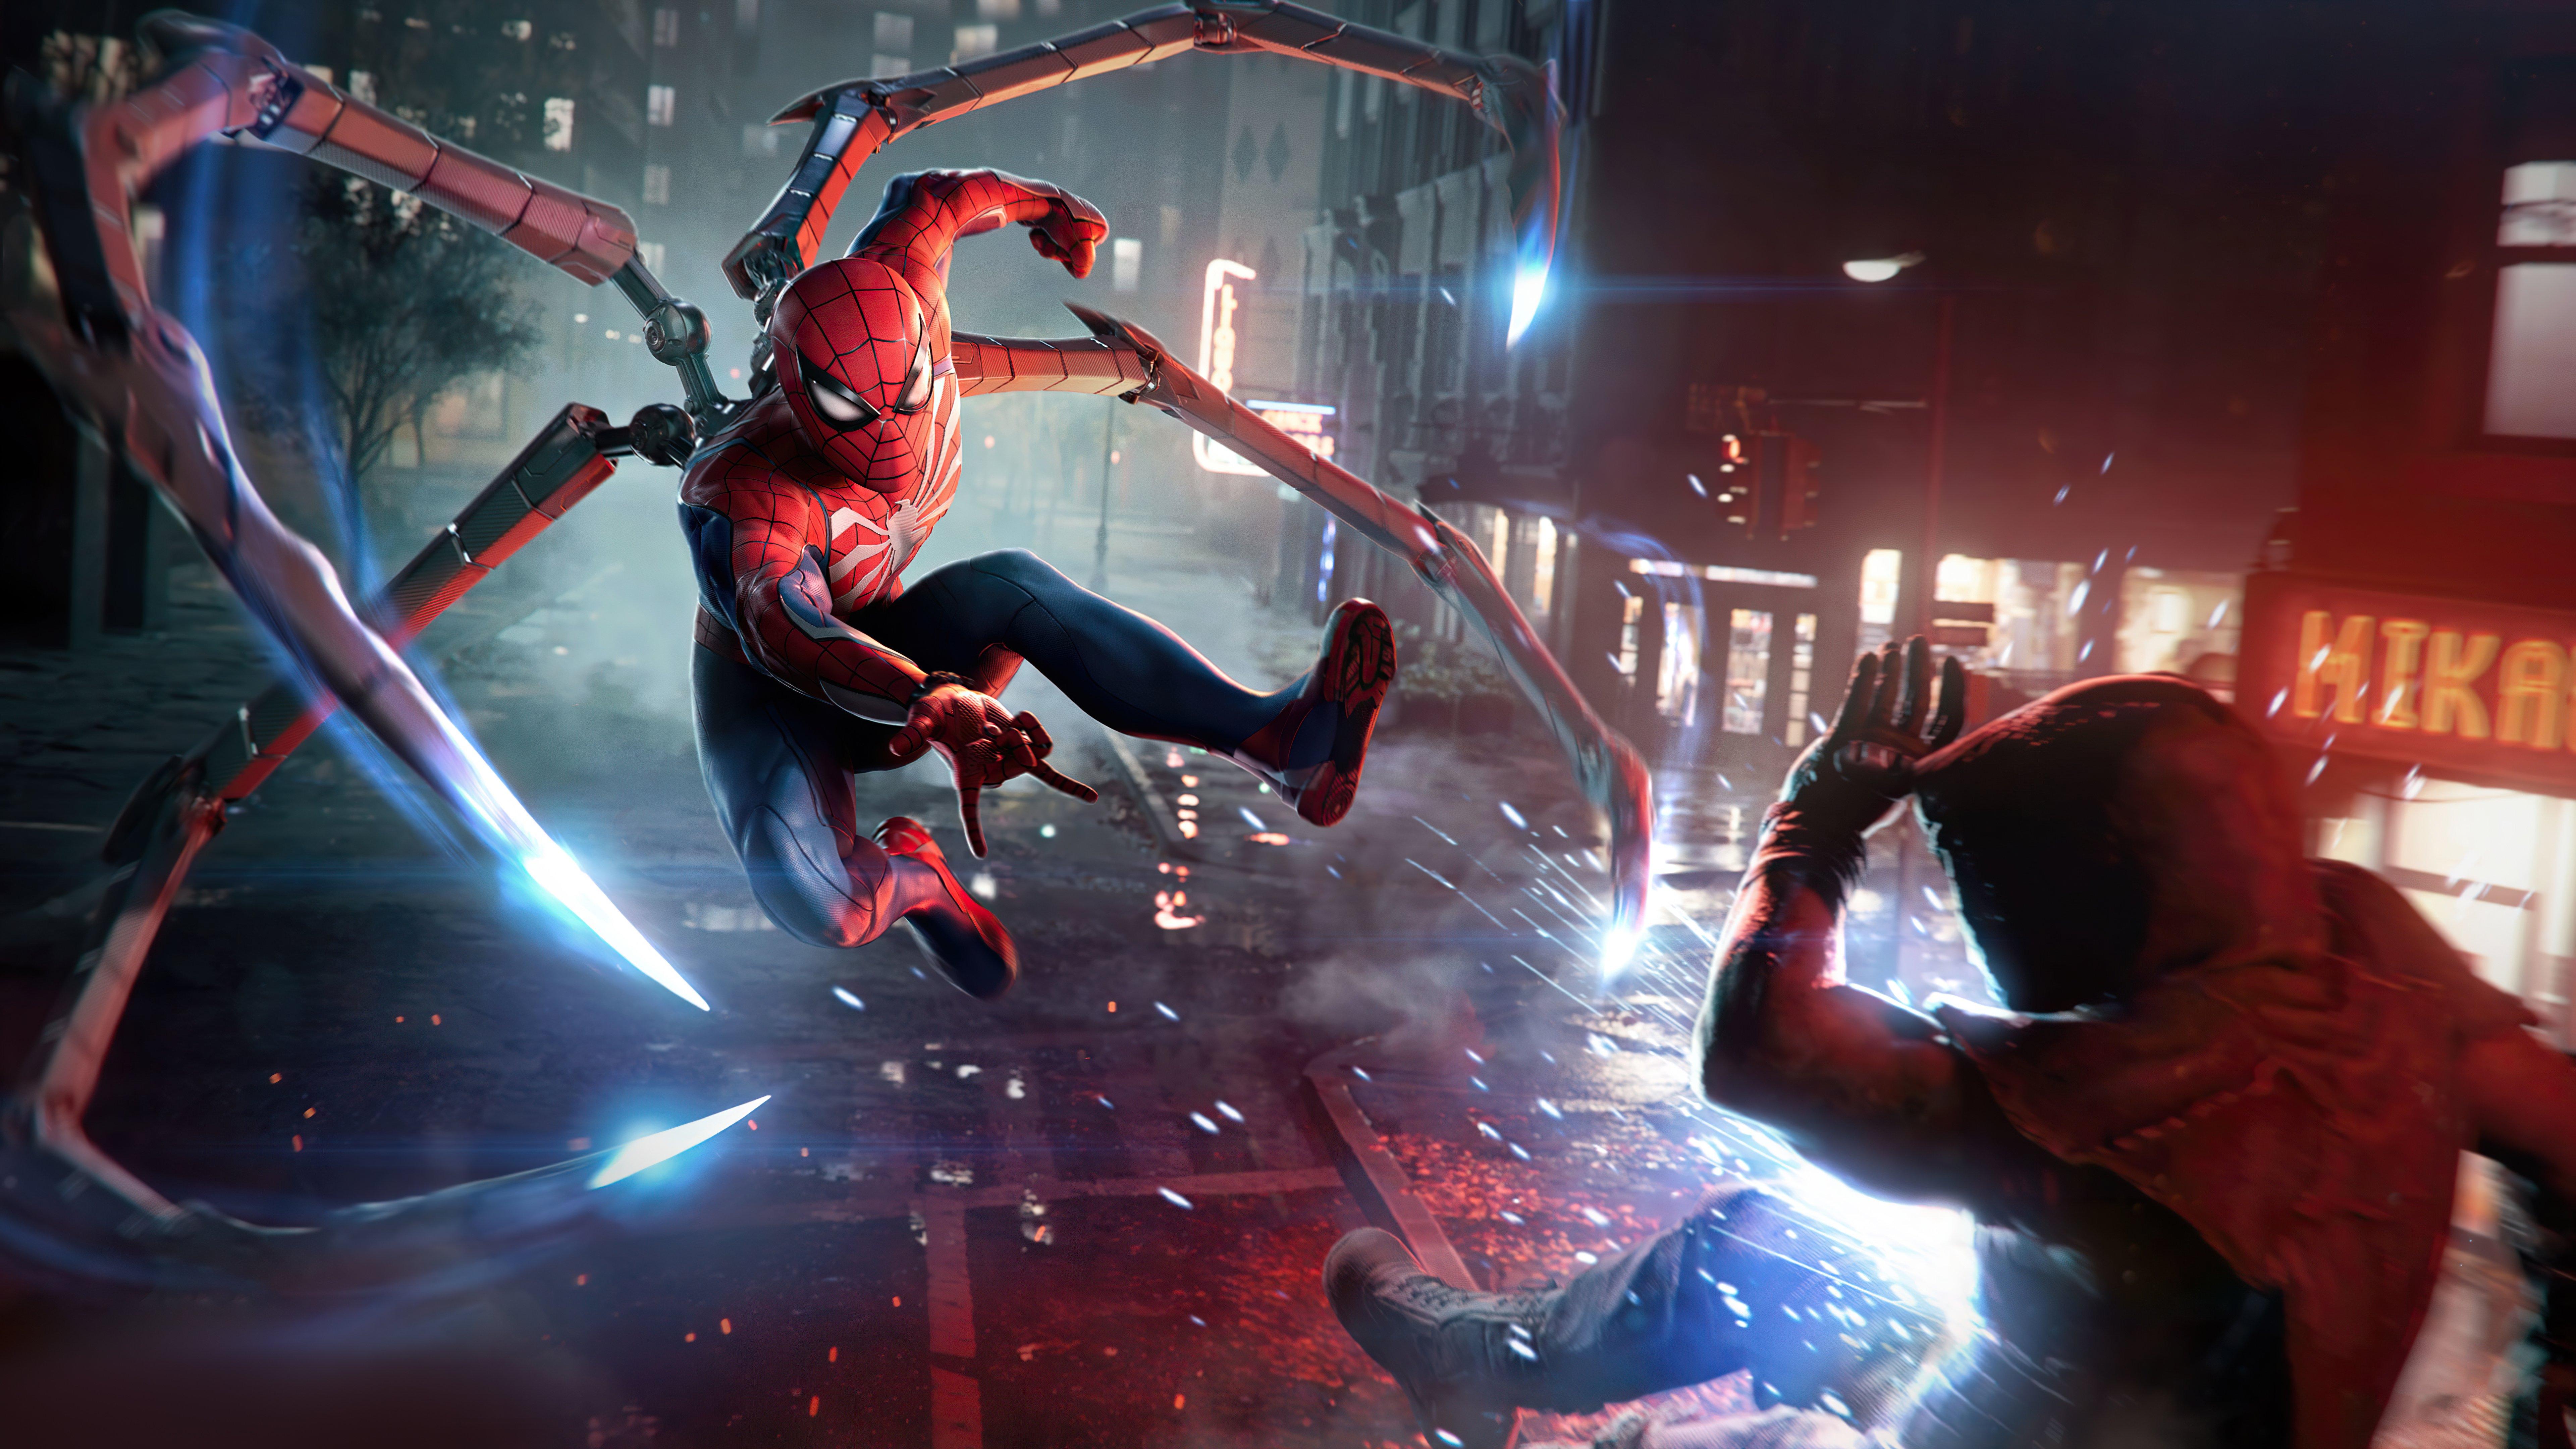 Fondos de pantalla El hombre araña en pelea